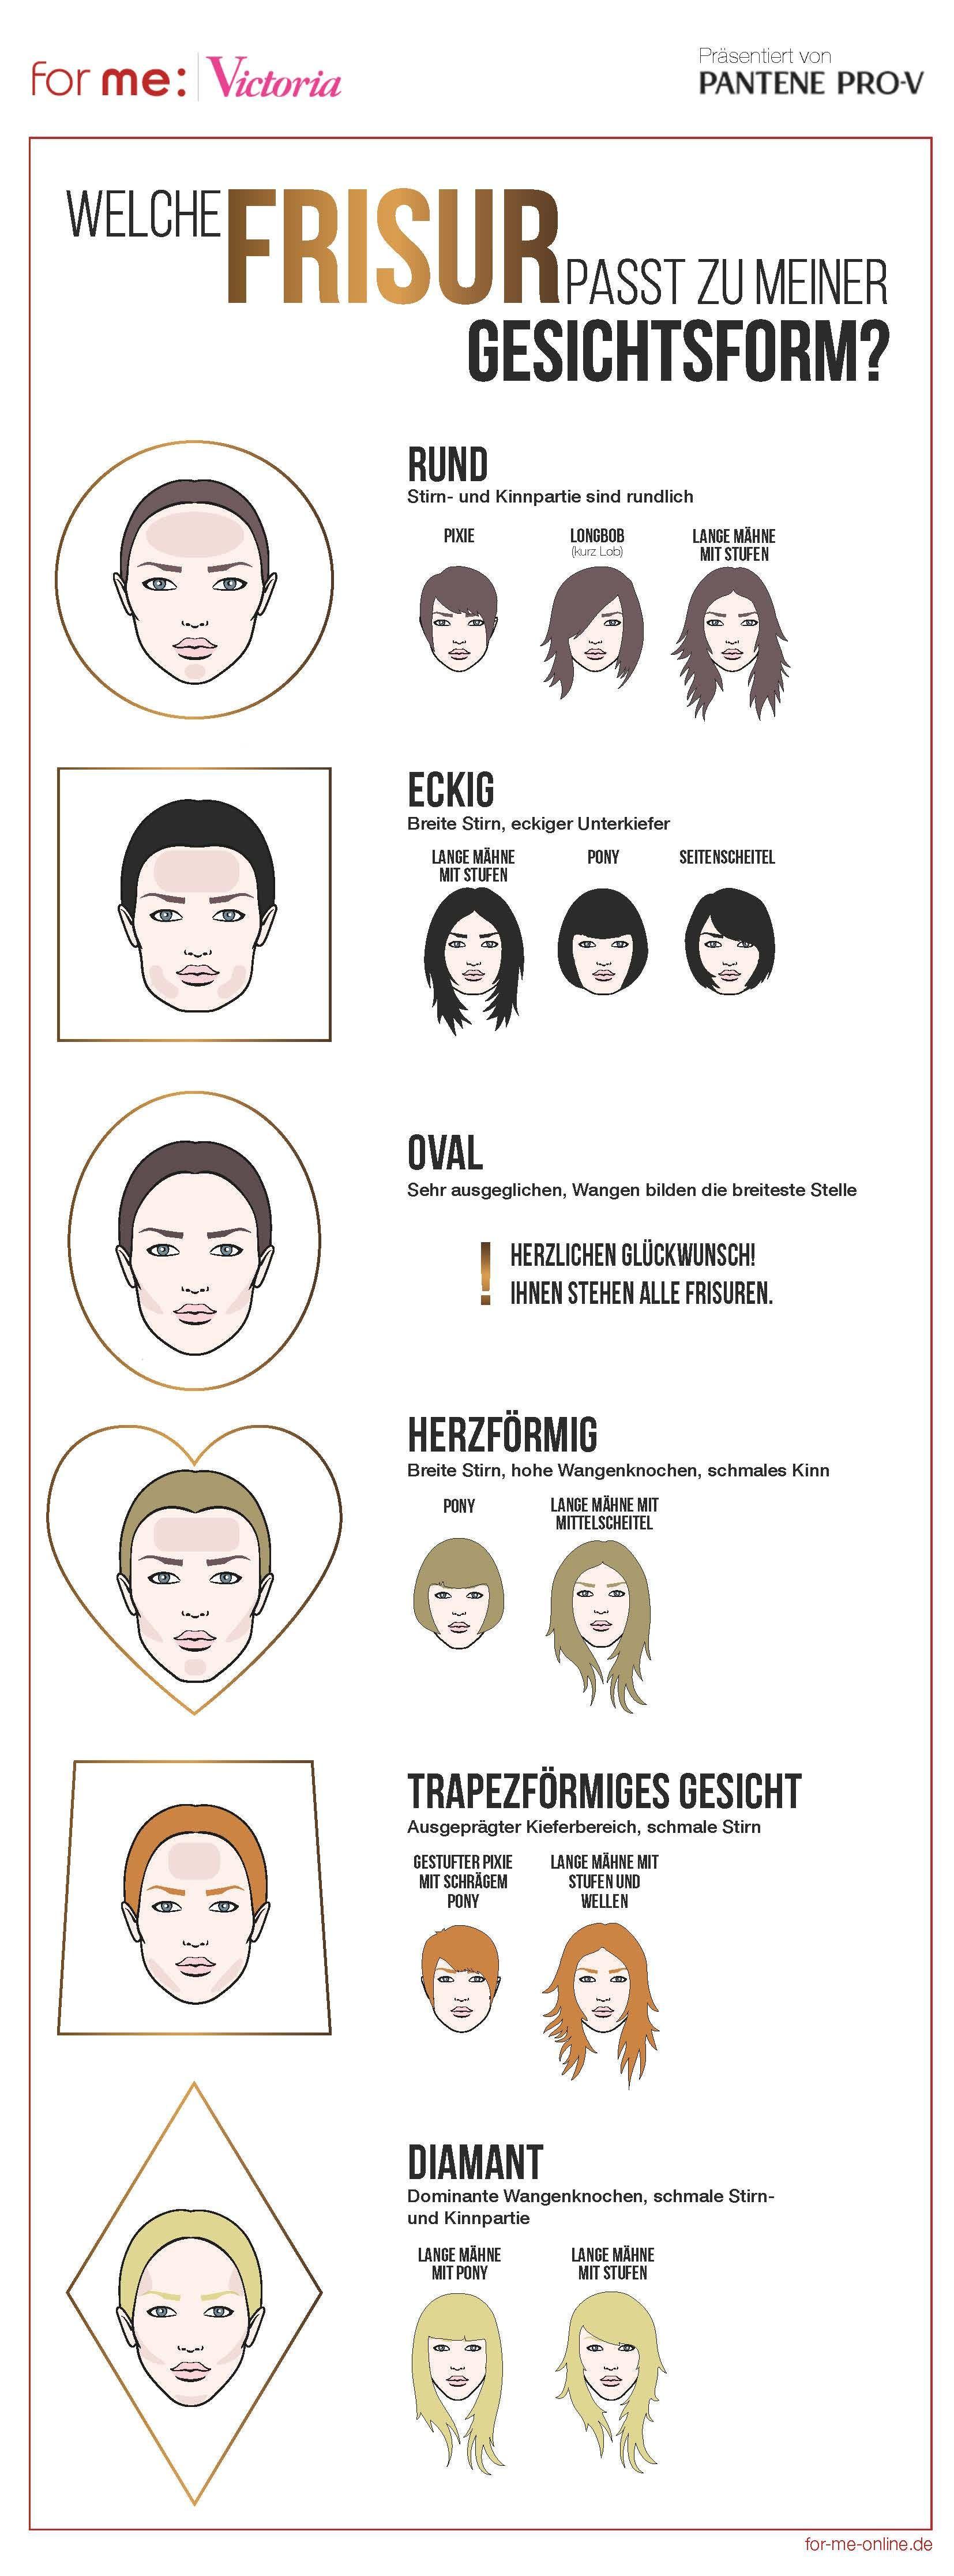 Finden Sie Heraus Welcher Hairstyle Sich Am Besten Fur Sie Eignet Egal Ob Rund Eckig Oder Oval Gesichtsform Und F Gesichtsform Frisur Gesichtsform Gesicht